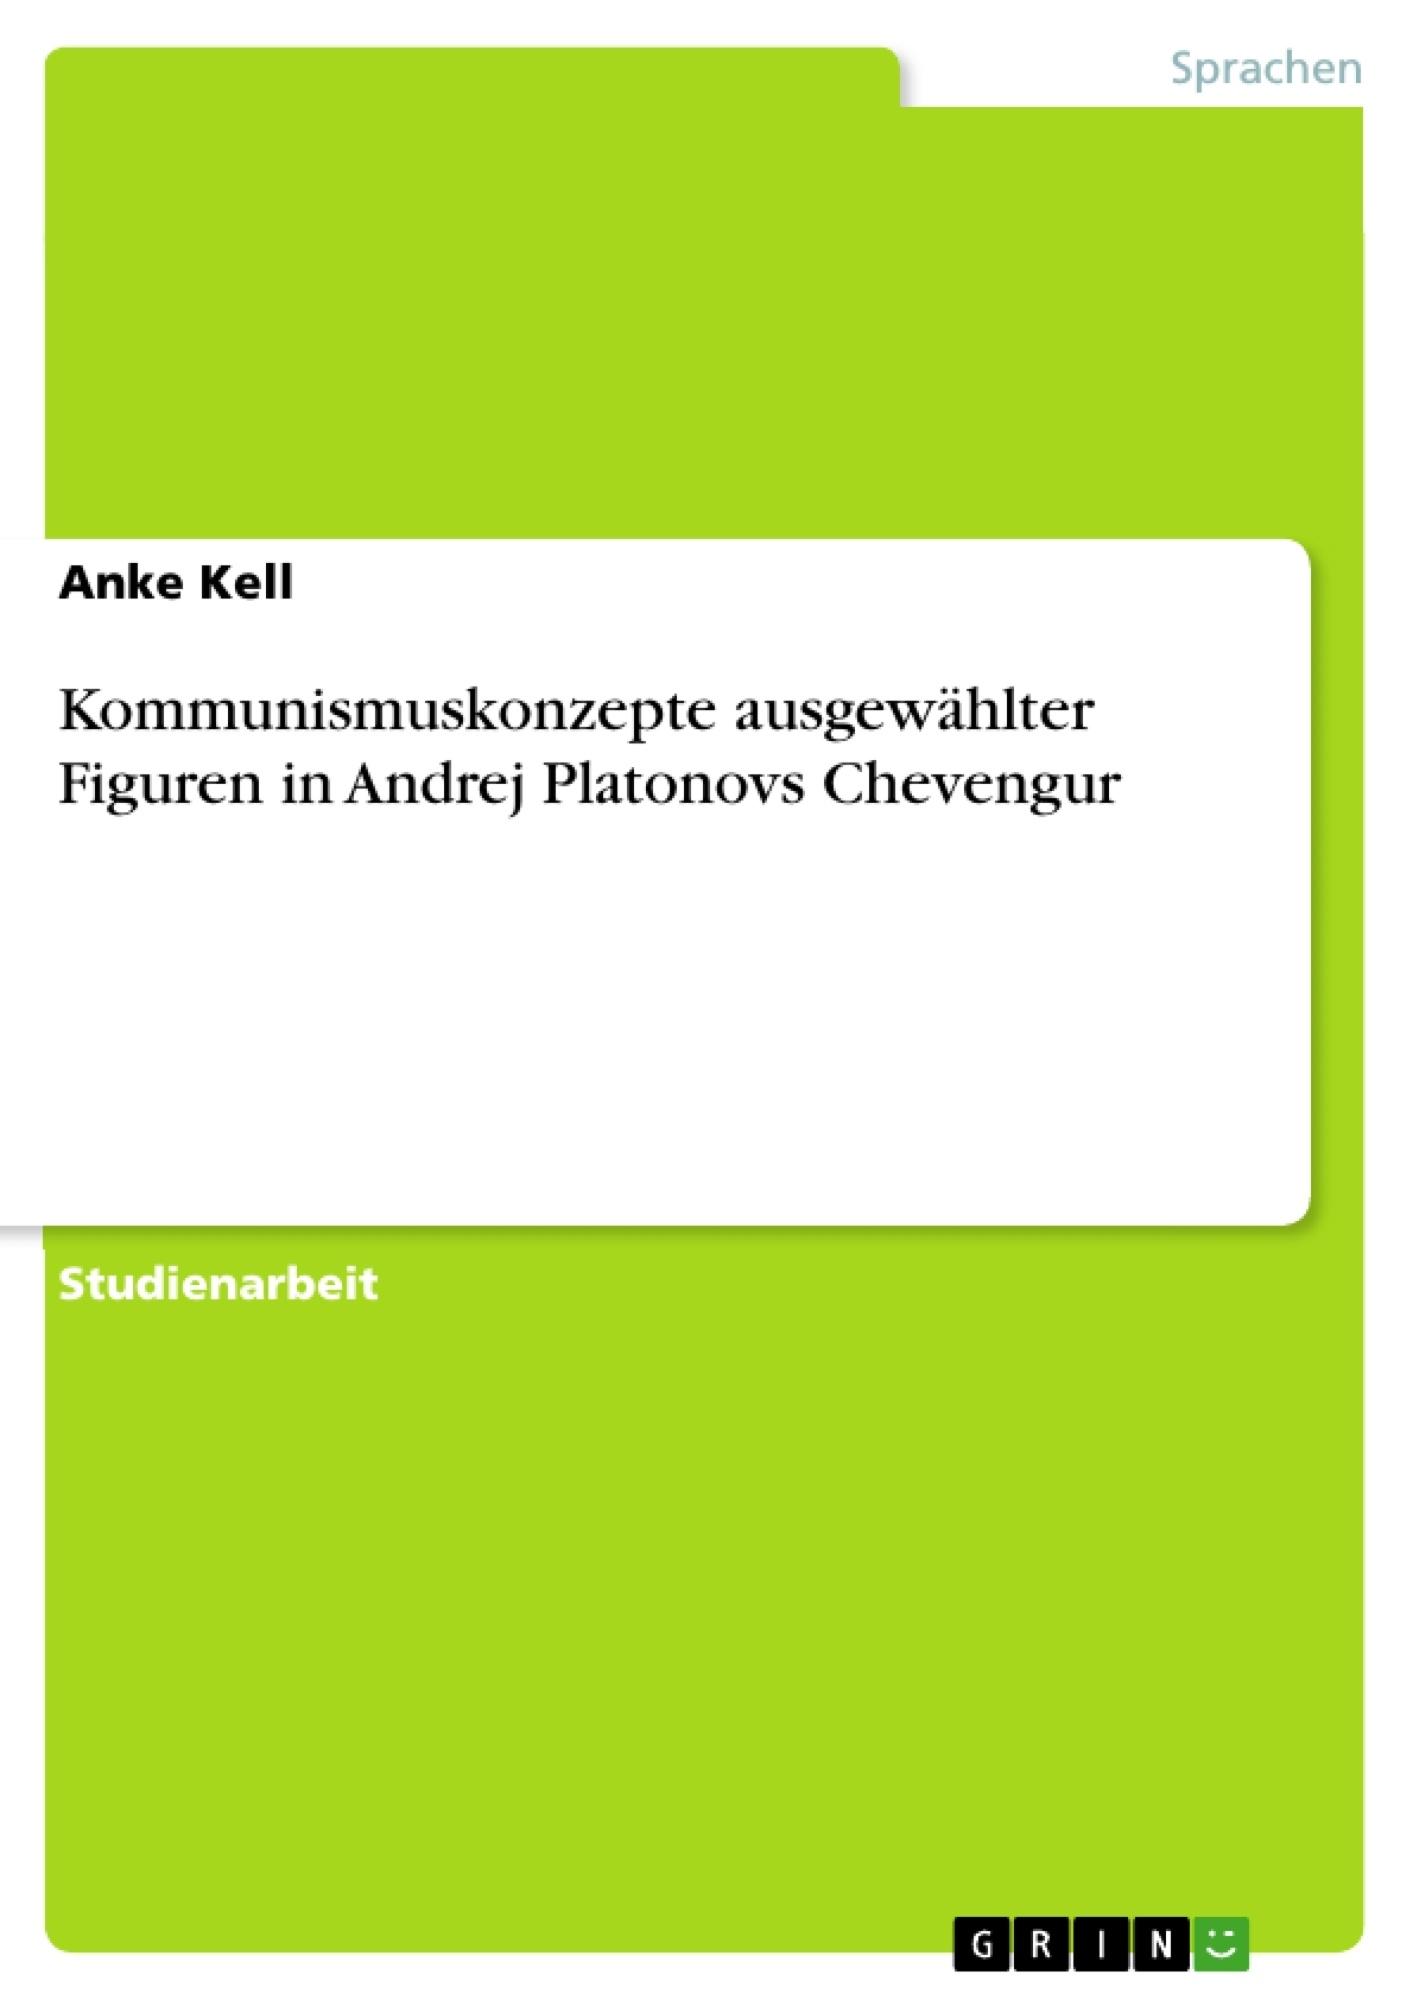 Titel: Kommunismuskonzepte ausgewählter Figuren in Andrej Platonovs Chevengur